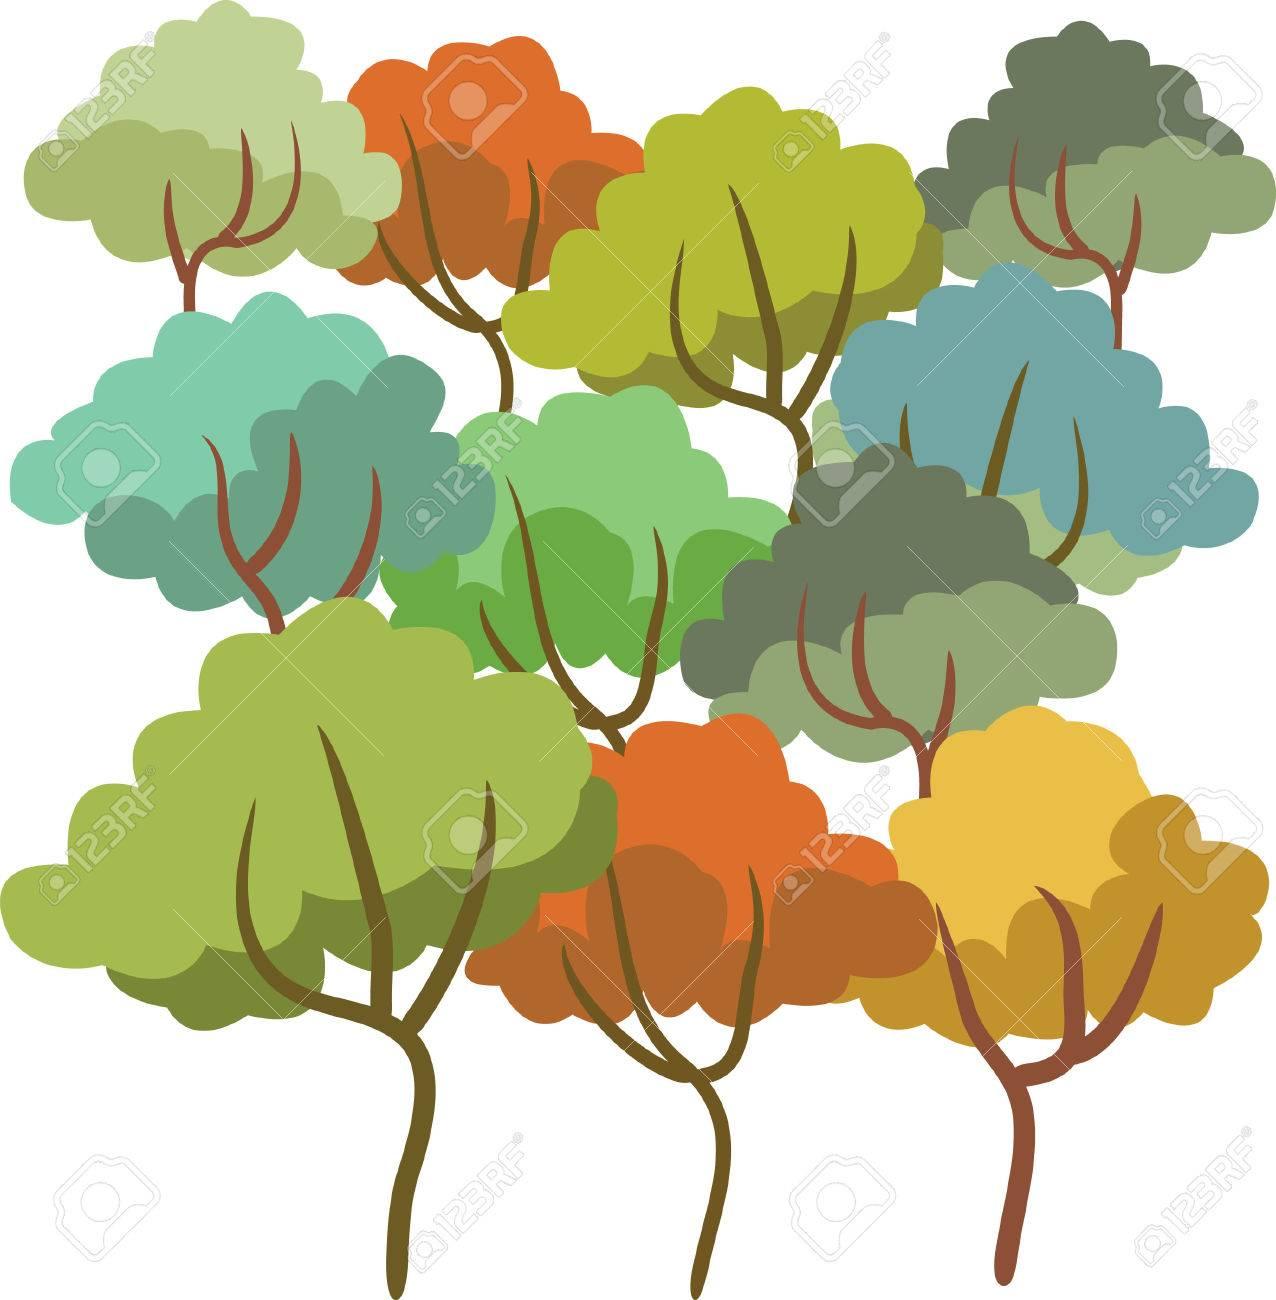 Dibujo A Color Conjunto Del árbol De Verano Ilustraciones